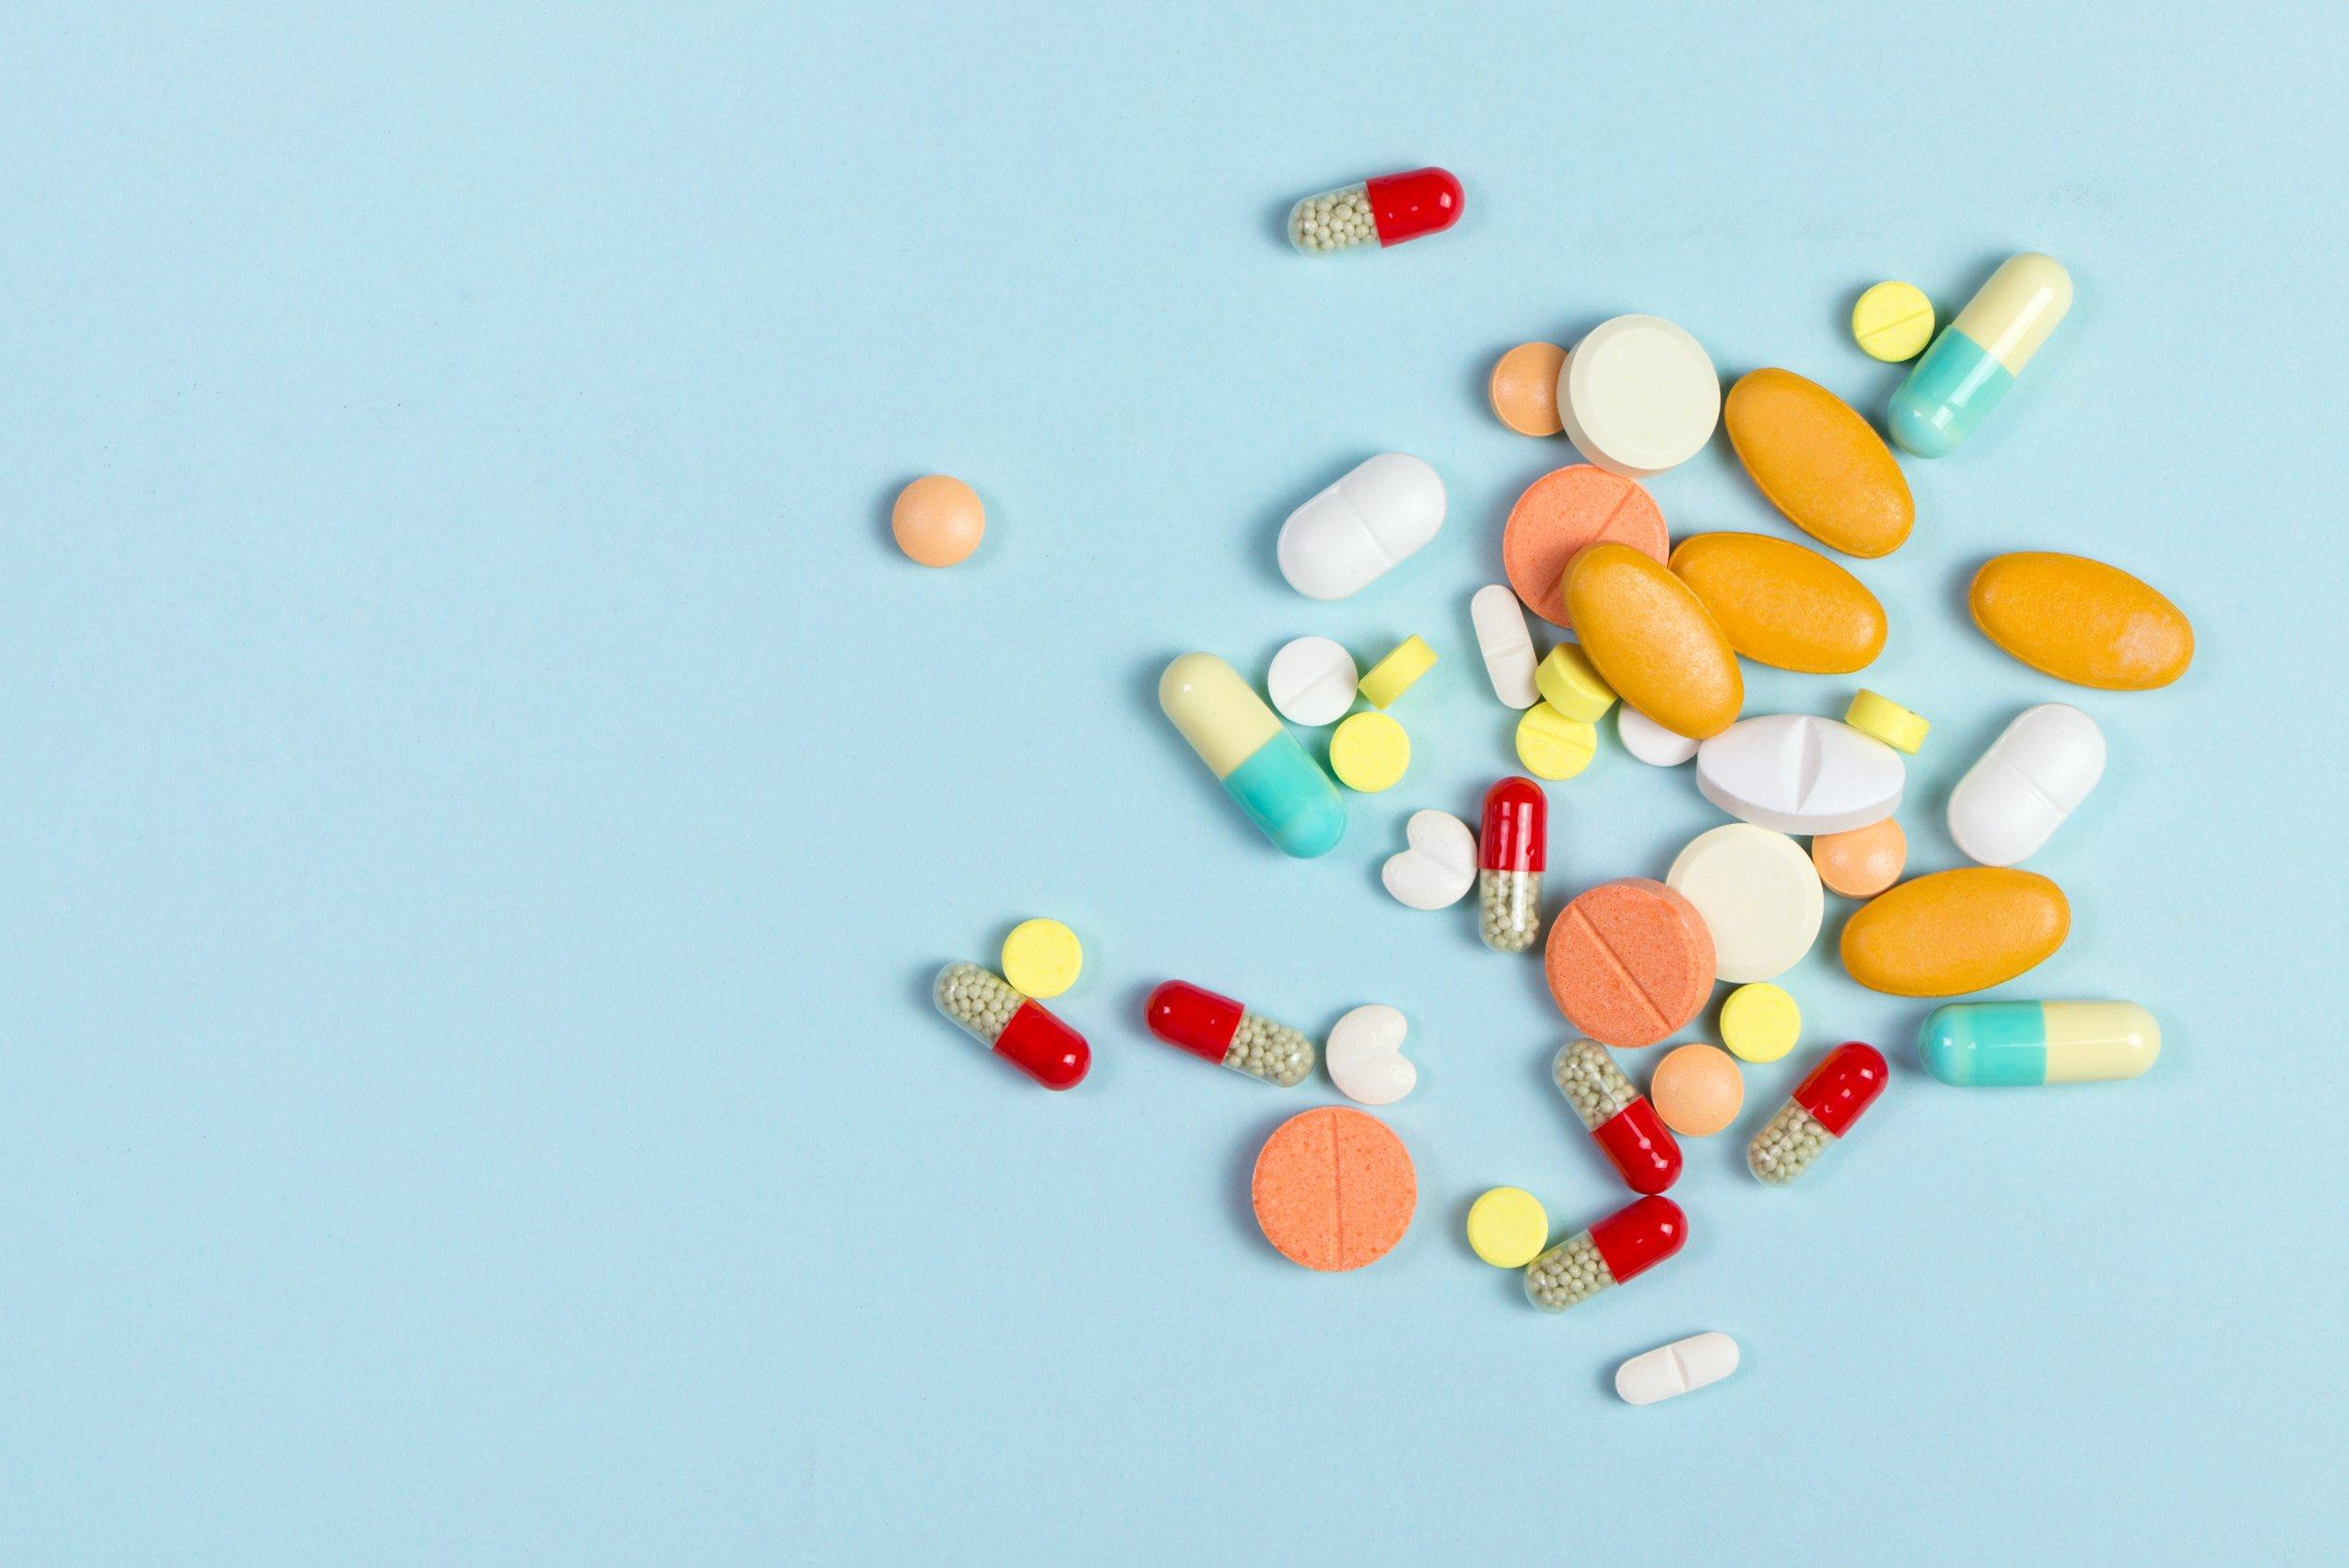 Celebrity weight loss pills